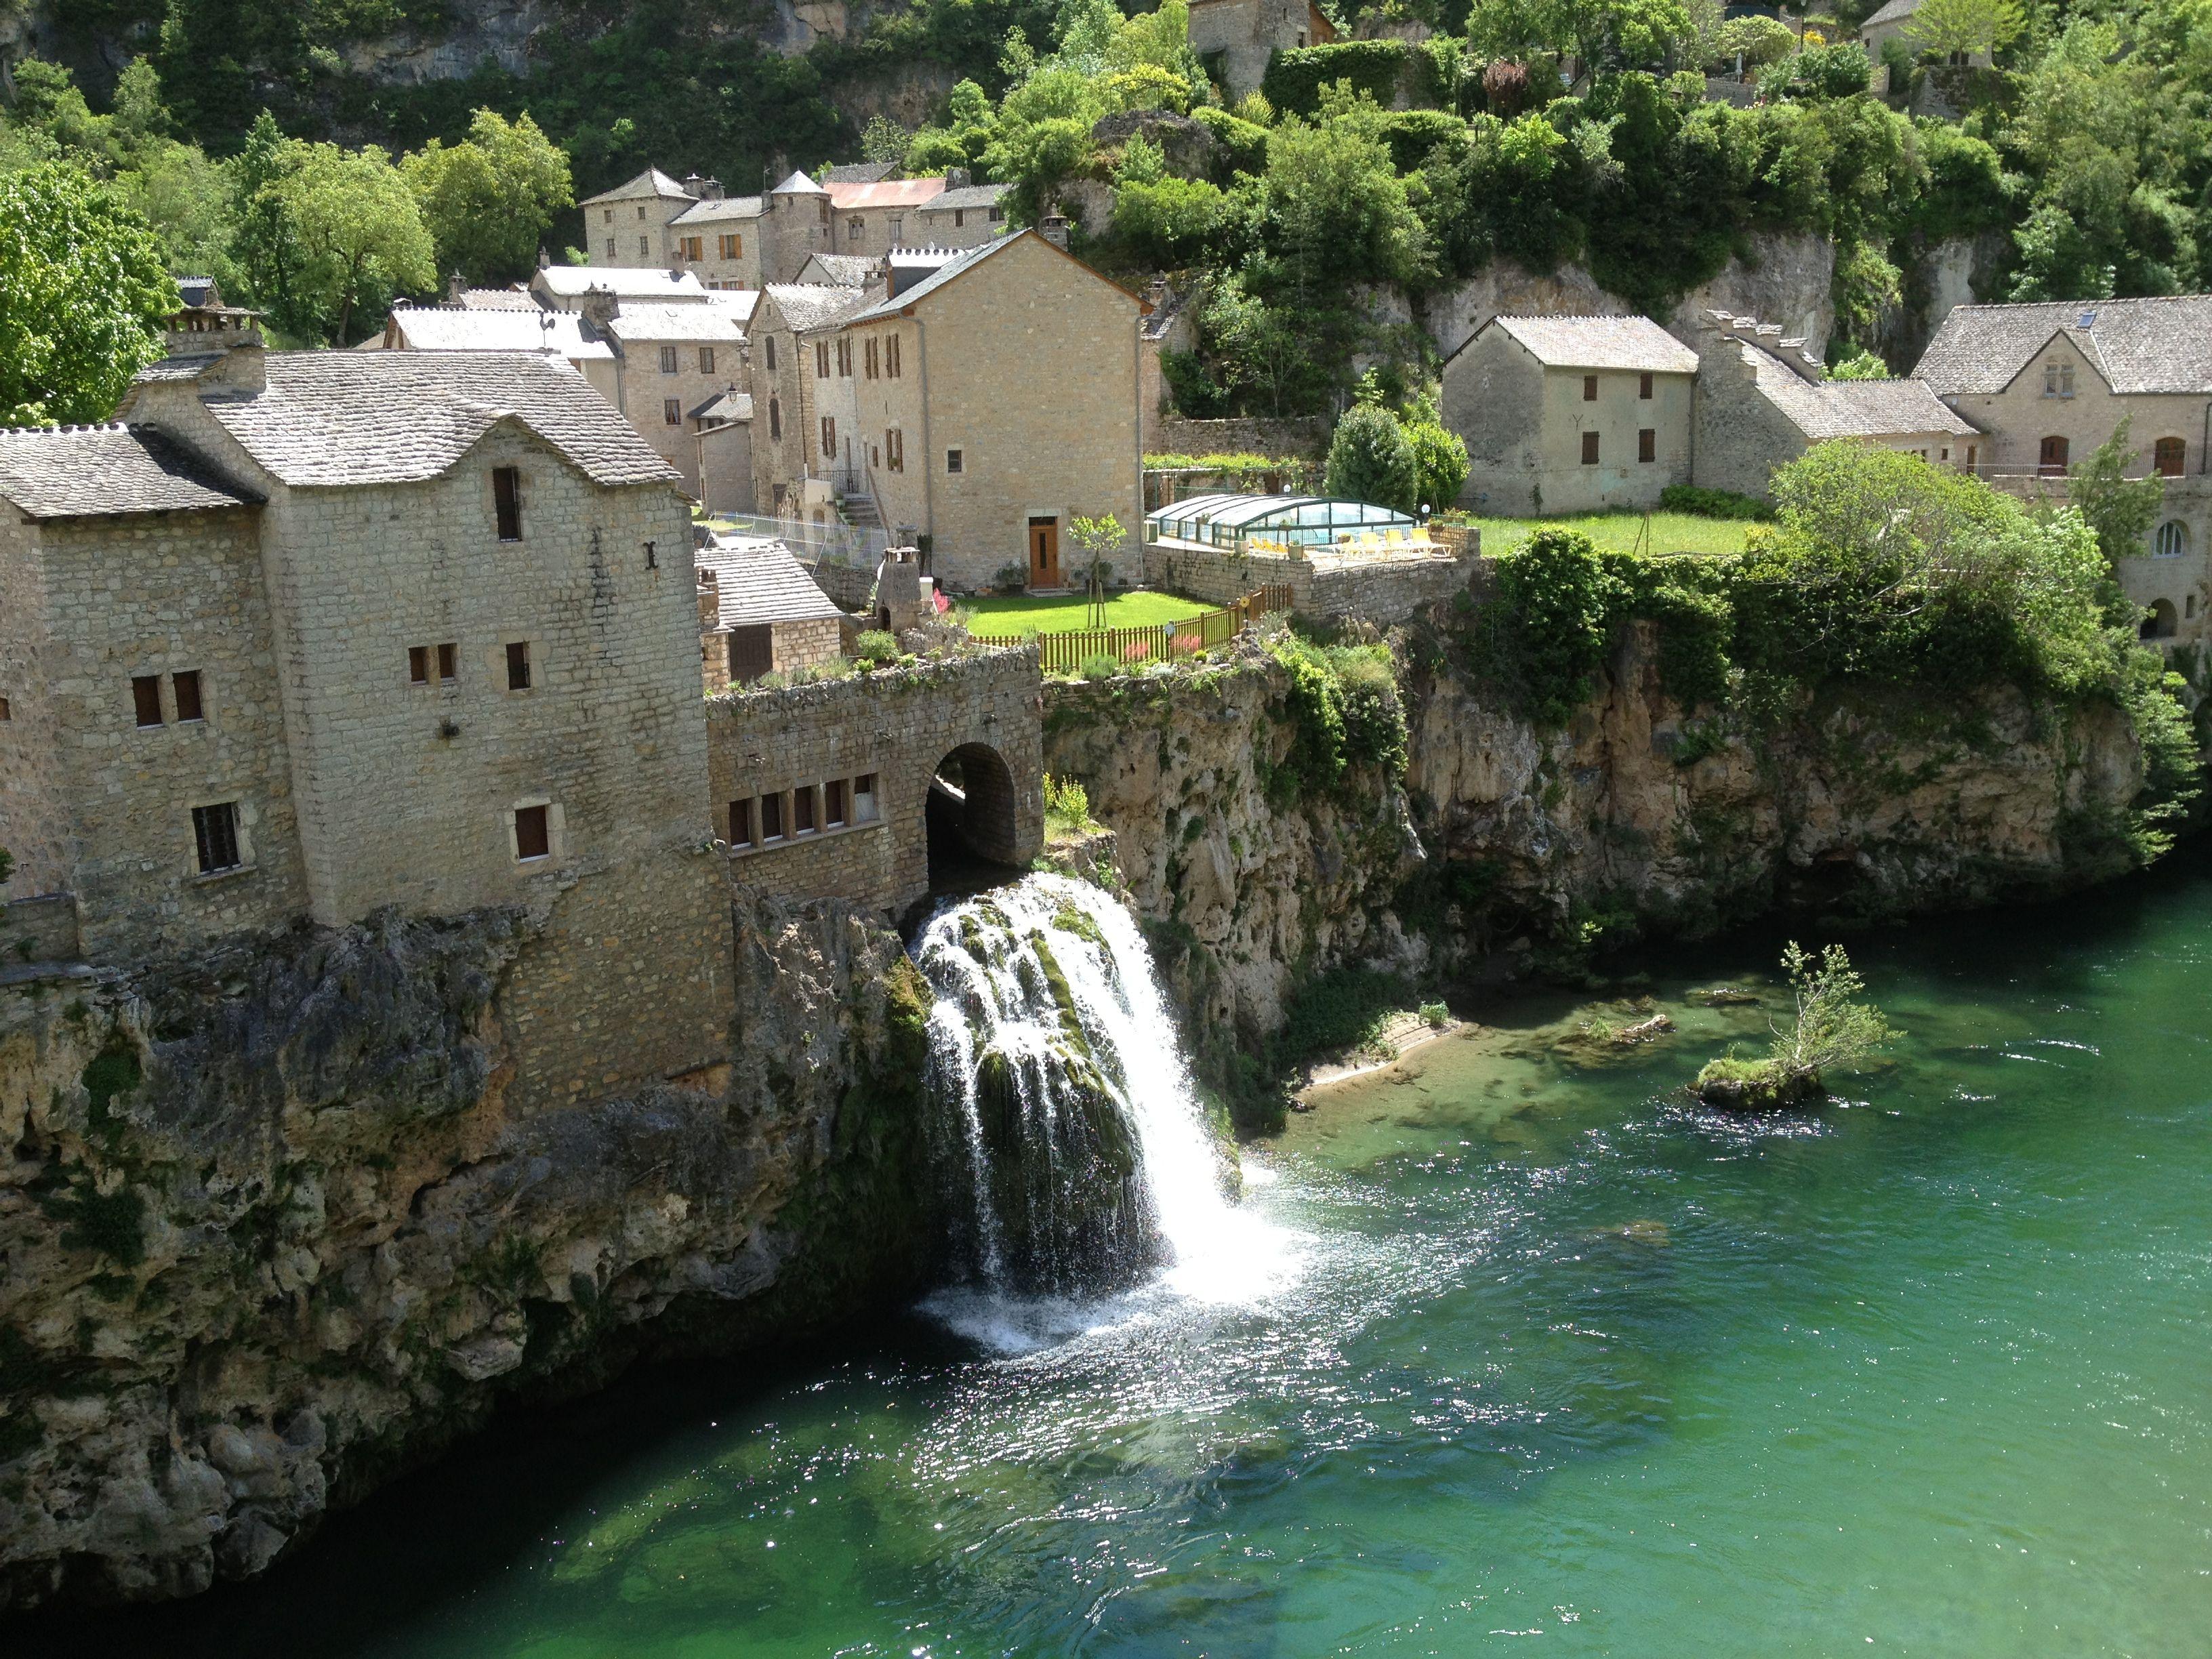 Epingle Par Thierry Favier Sur Lozere Vacances Voyage Randonnee Visite France